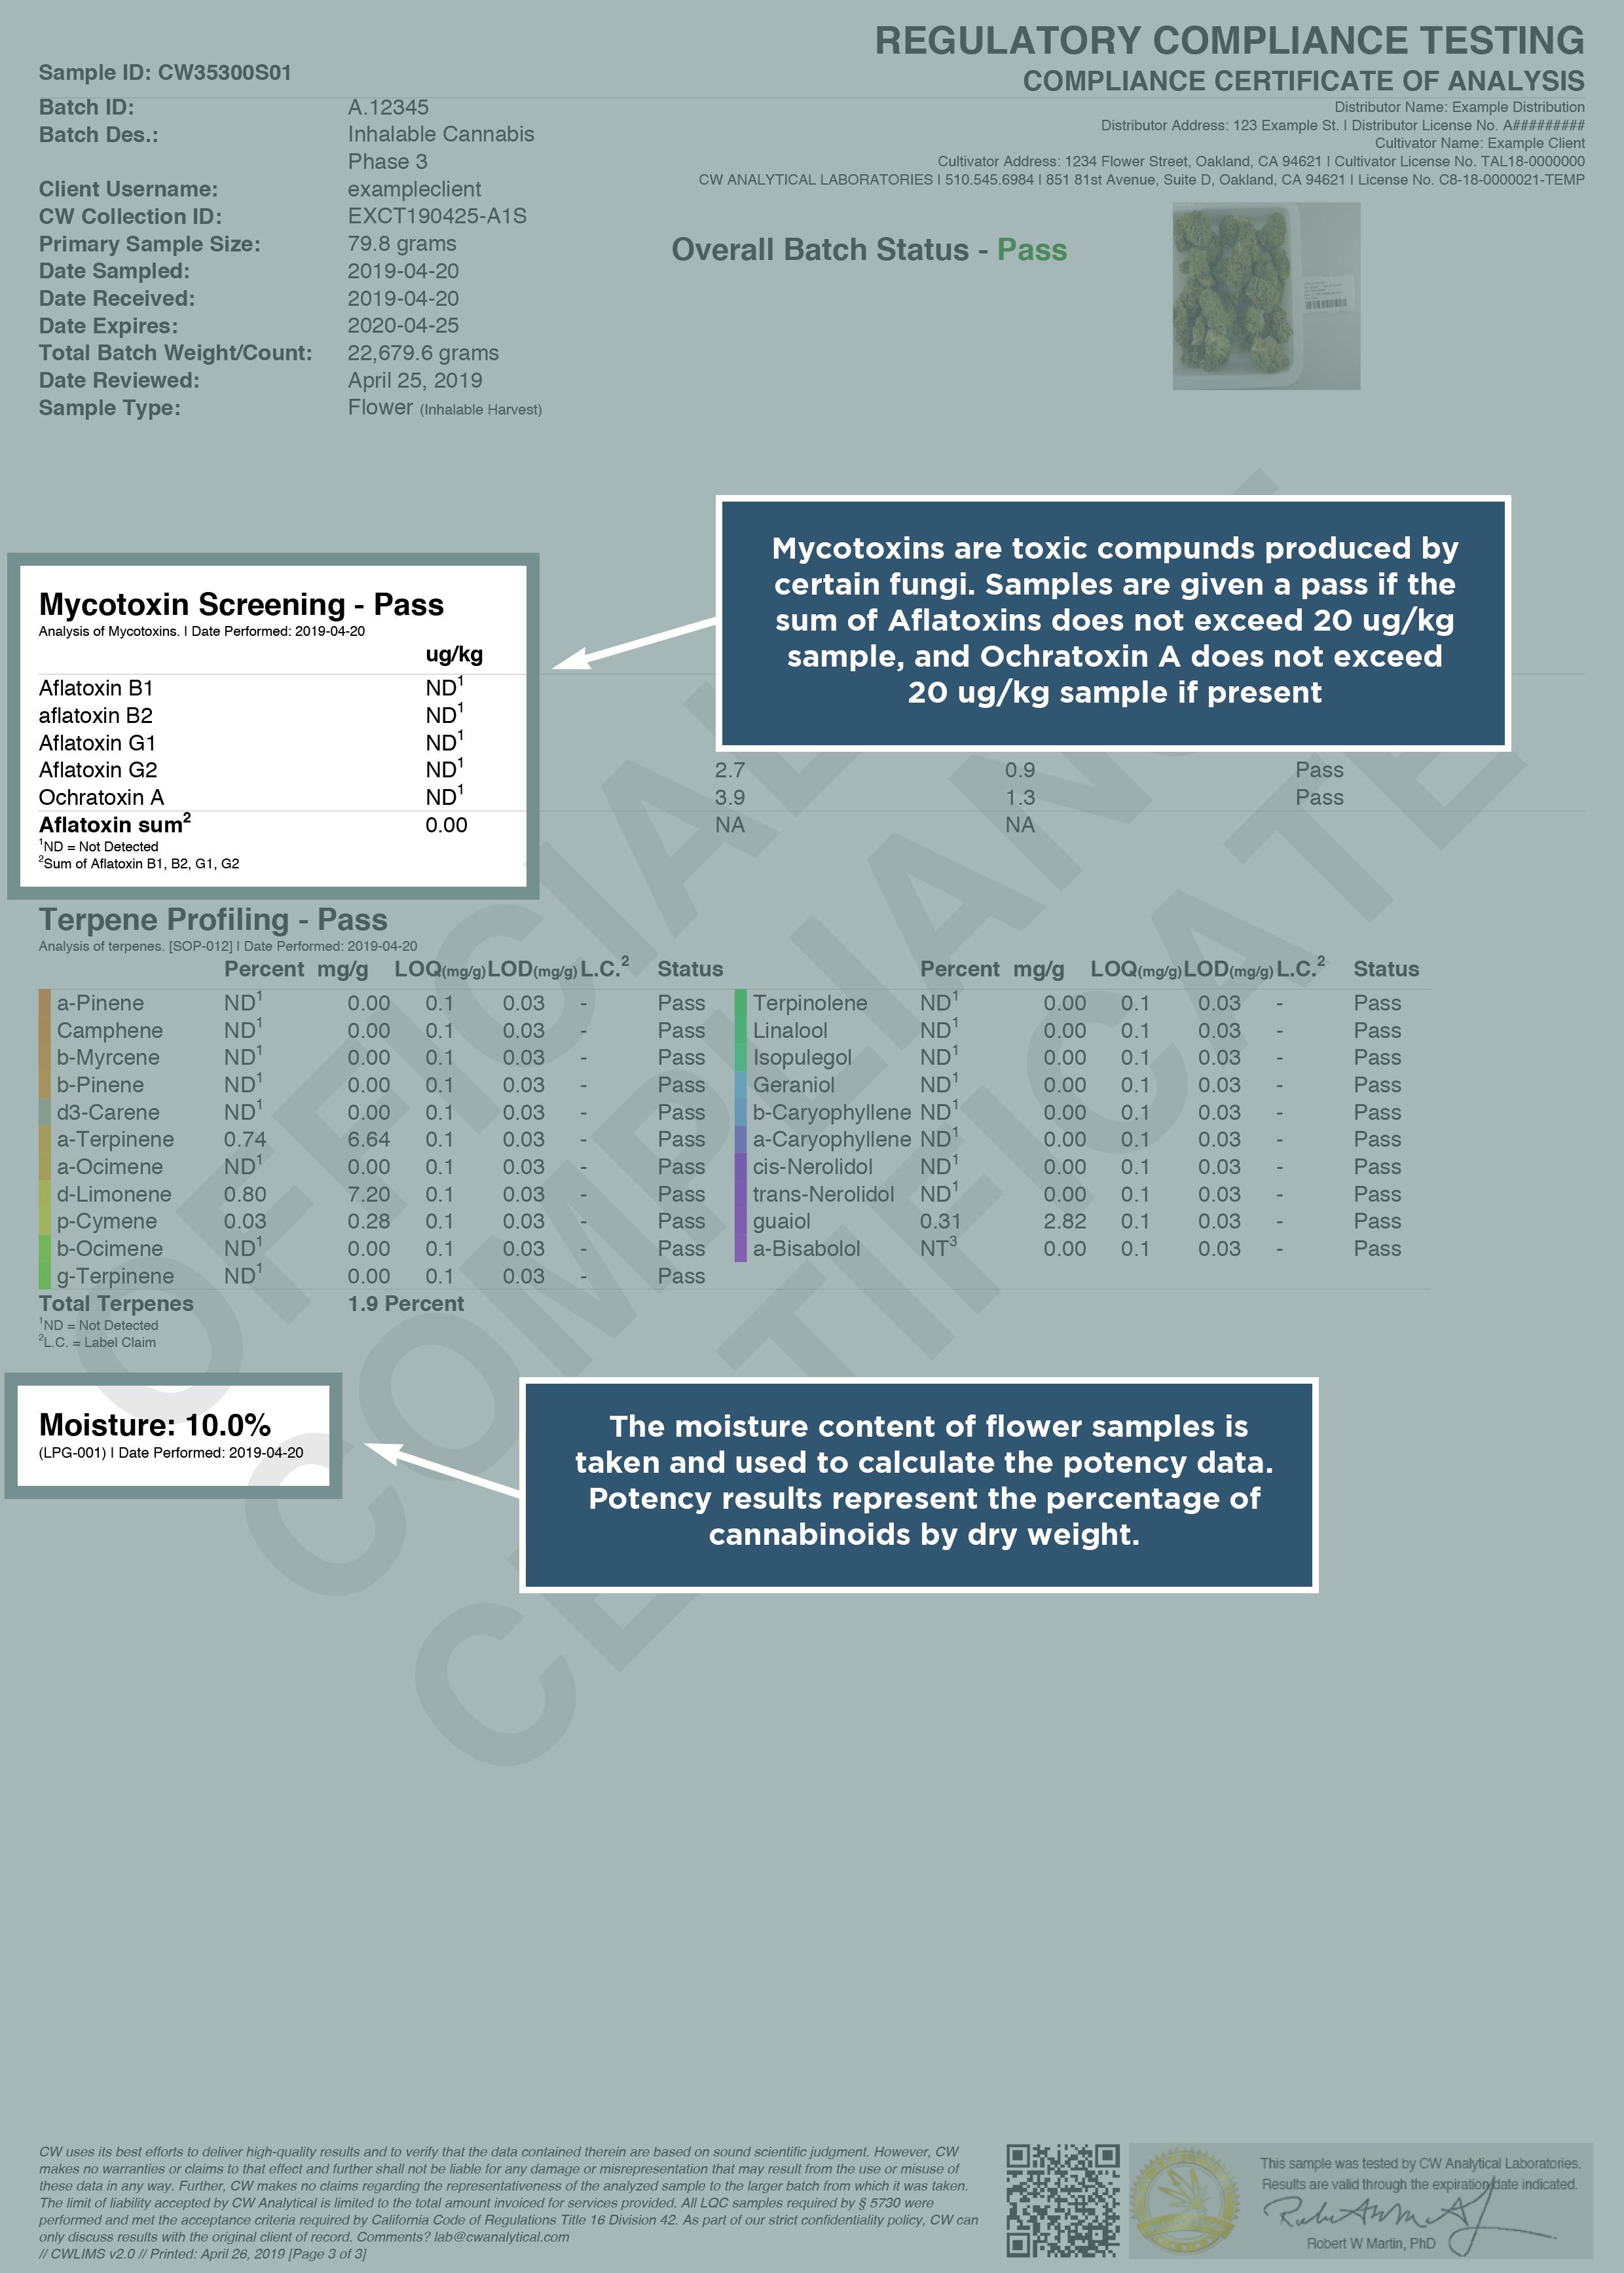 Mycotoxins & Moisture